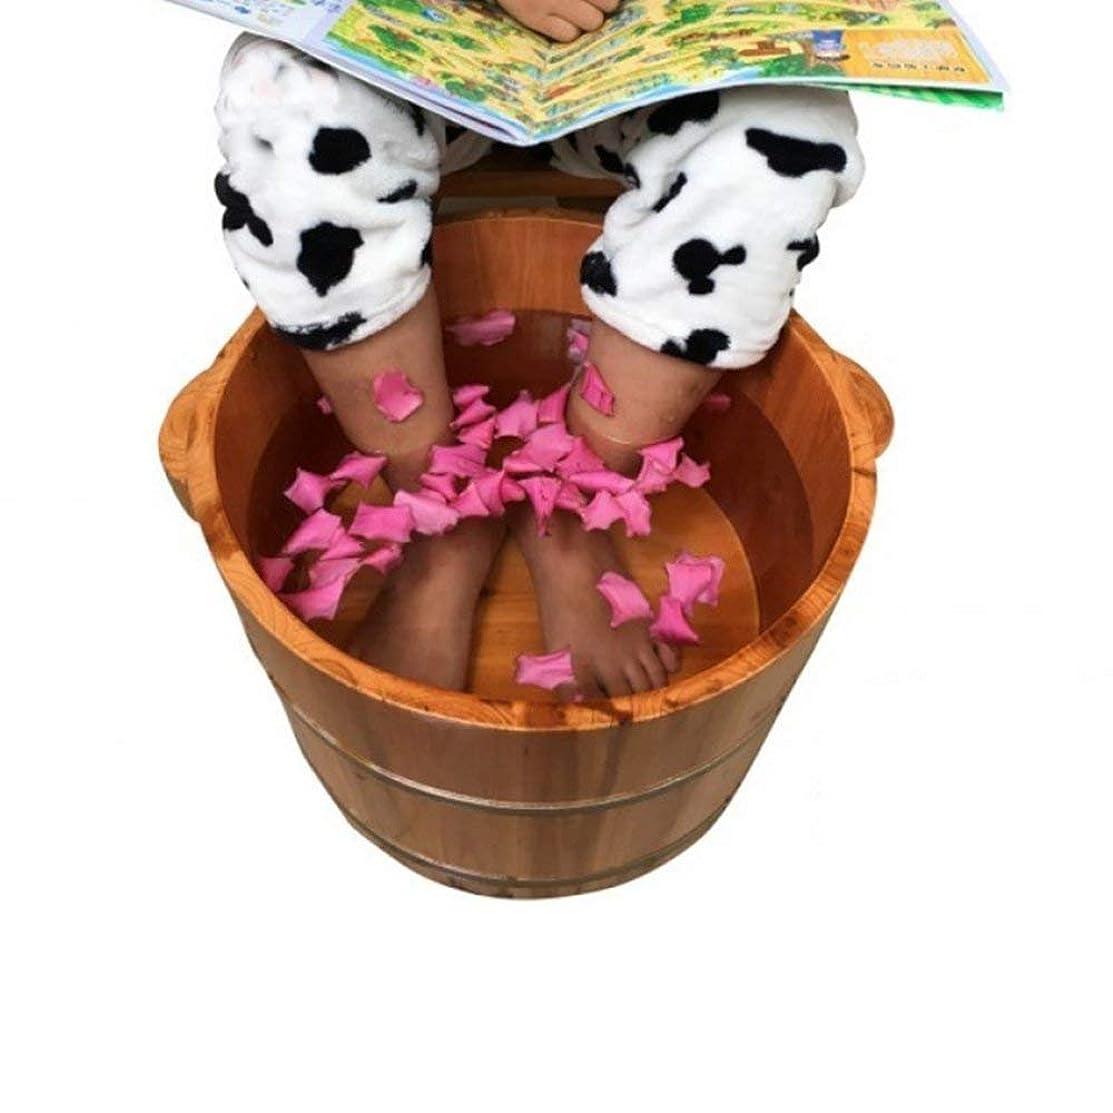 追い越すアコード召集する木製の足浴槽、自宅でのフットマッサージ指圧マッサージ浴槽トリートメントリラックス男性の女性のための足圧リフレクソロジーを緩和